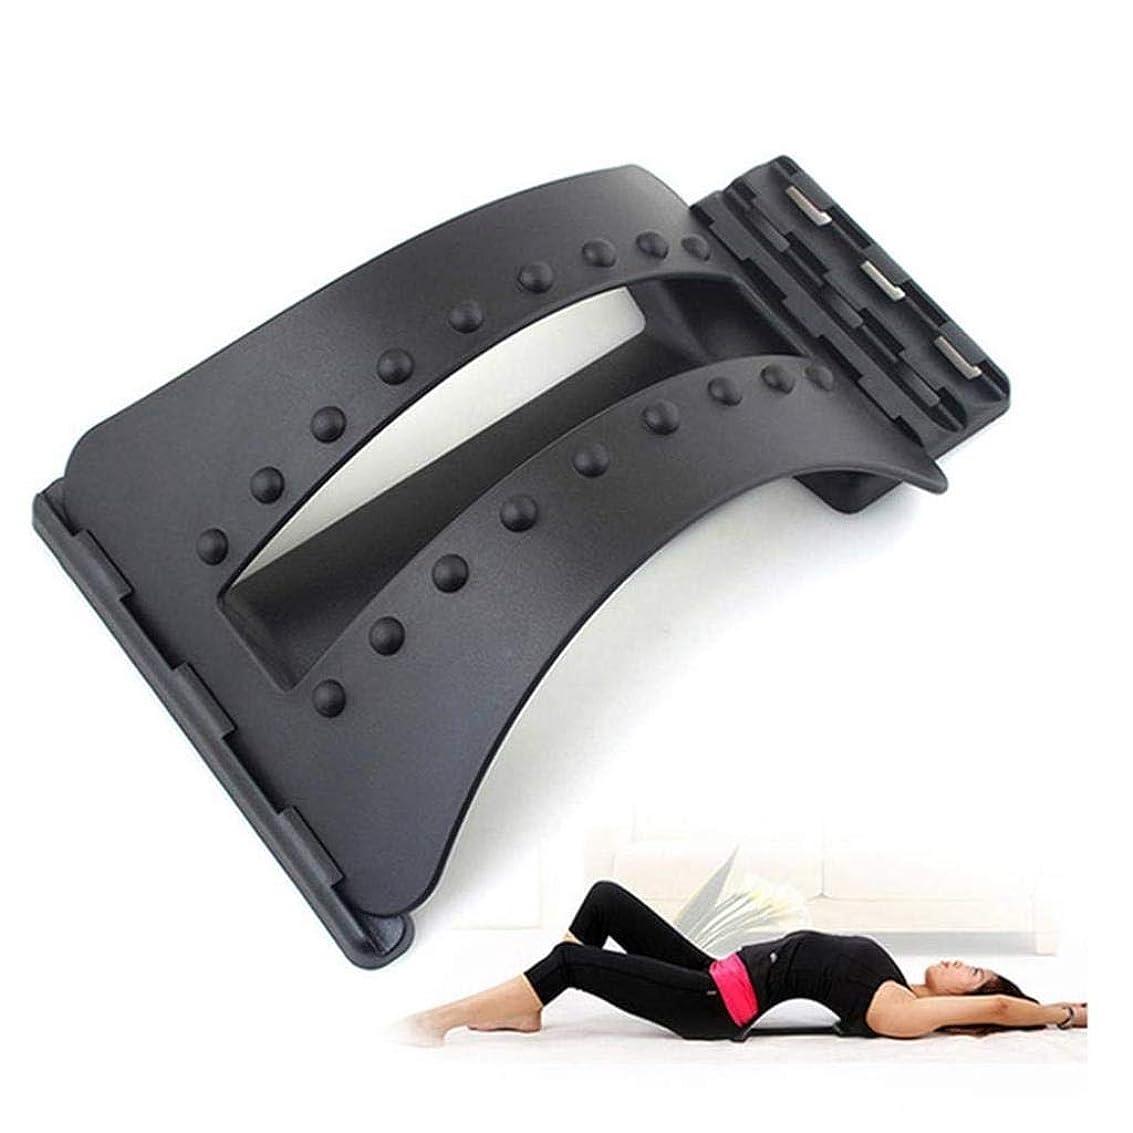 事実上爆発するフローバックマッサージ、マジックバックサポートとストレッチストレッチャーマジックストレッチャーバックストレッチャー腰椎サポートデバイスリラクゼーションパートナー脊椎の痛みを軽減する脊椎マッサージ療法